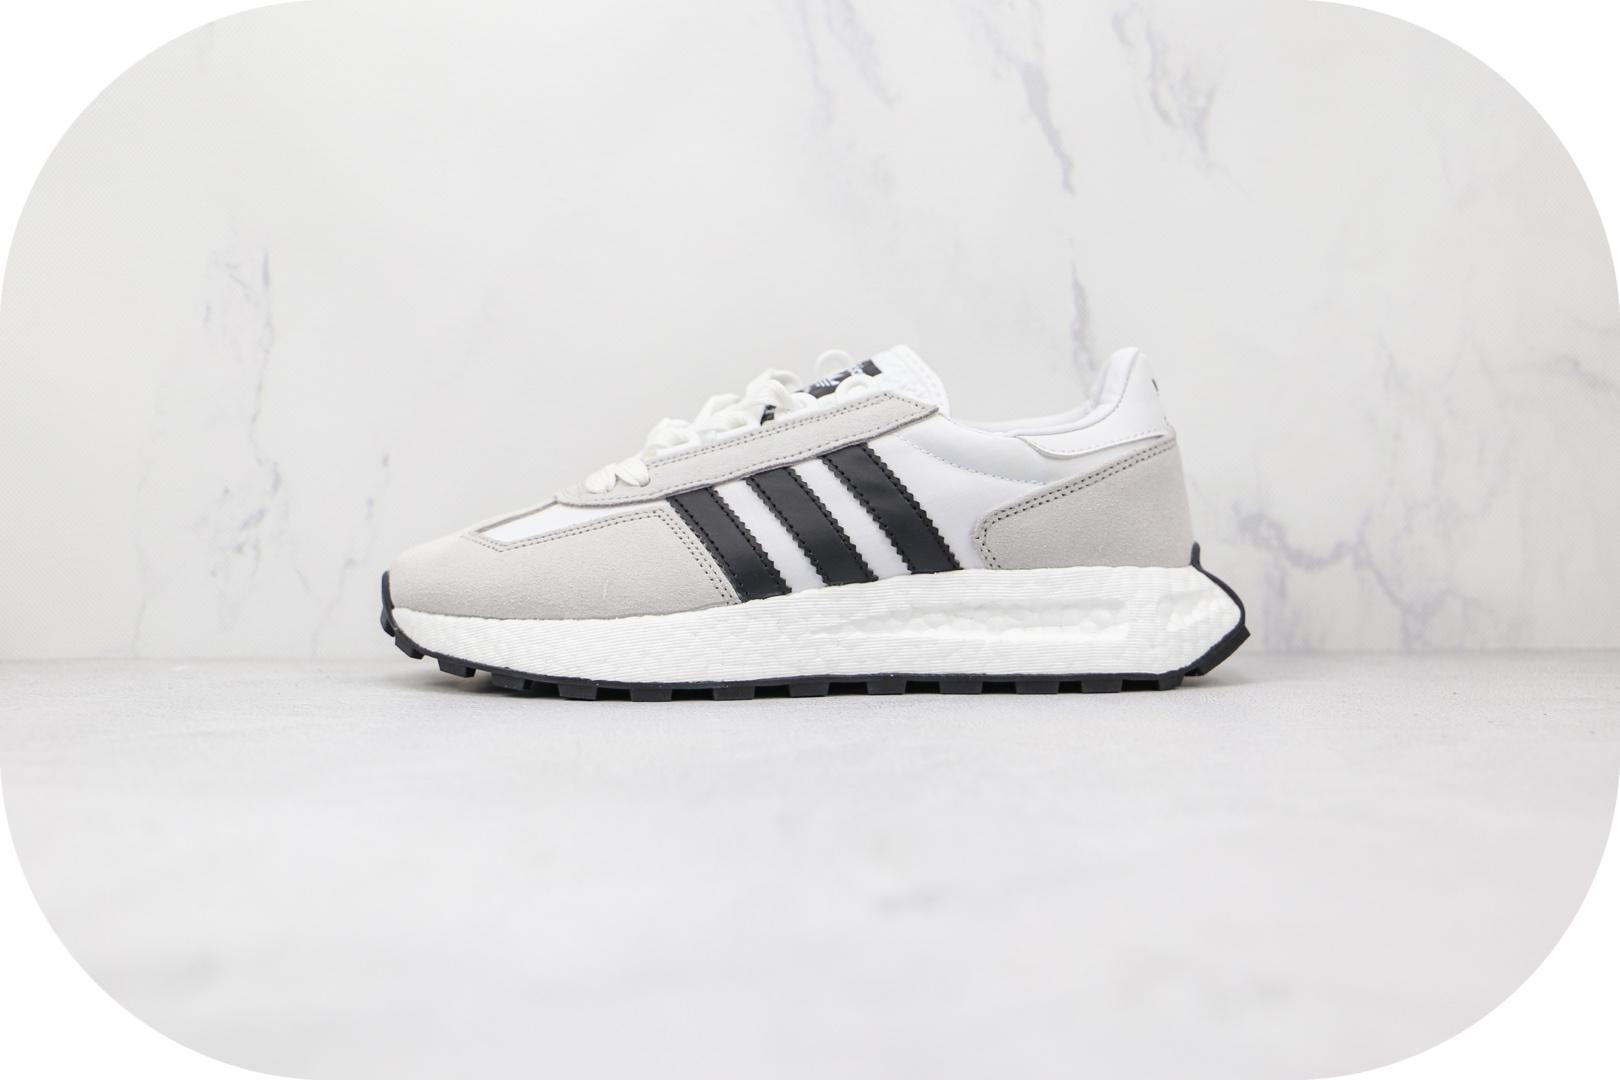 阿迪达斯Adidas RETROPY E5纯原版本黑白色三叶草厚底爆米花跑鞋原楦头纸板打造 货号:Q47001